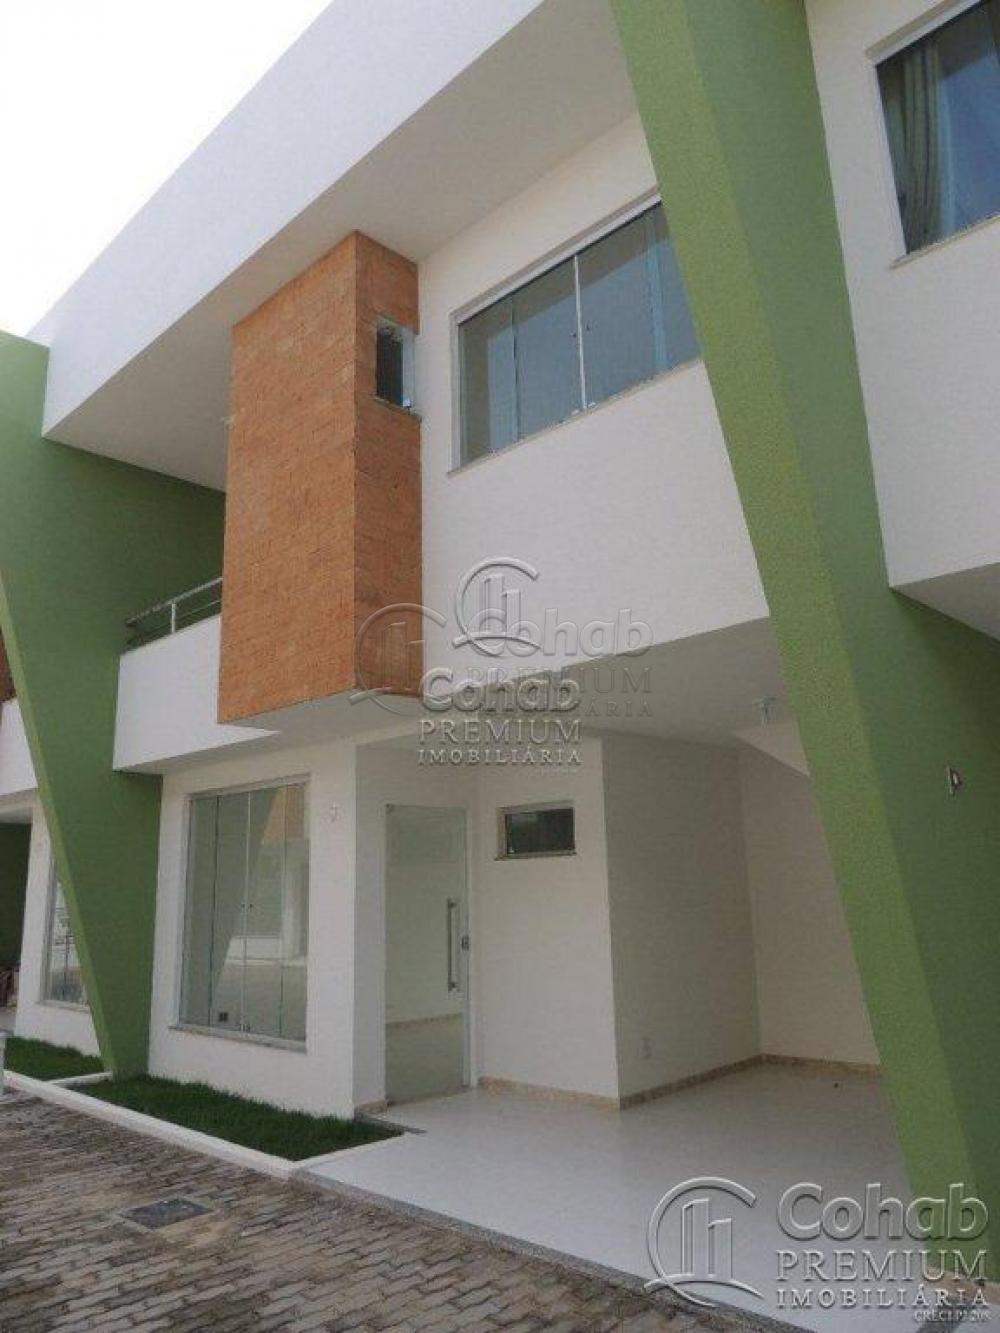 Comprar Casa / Condomínio em Aracaju apenas R$ 320.000,00 - Foto 3